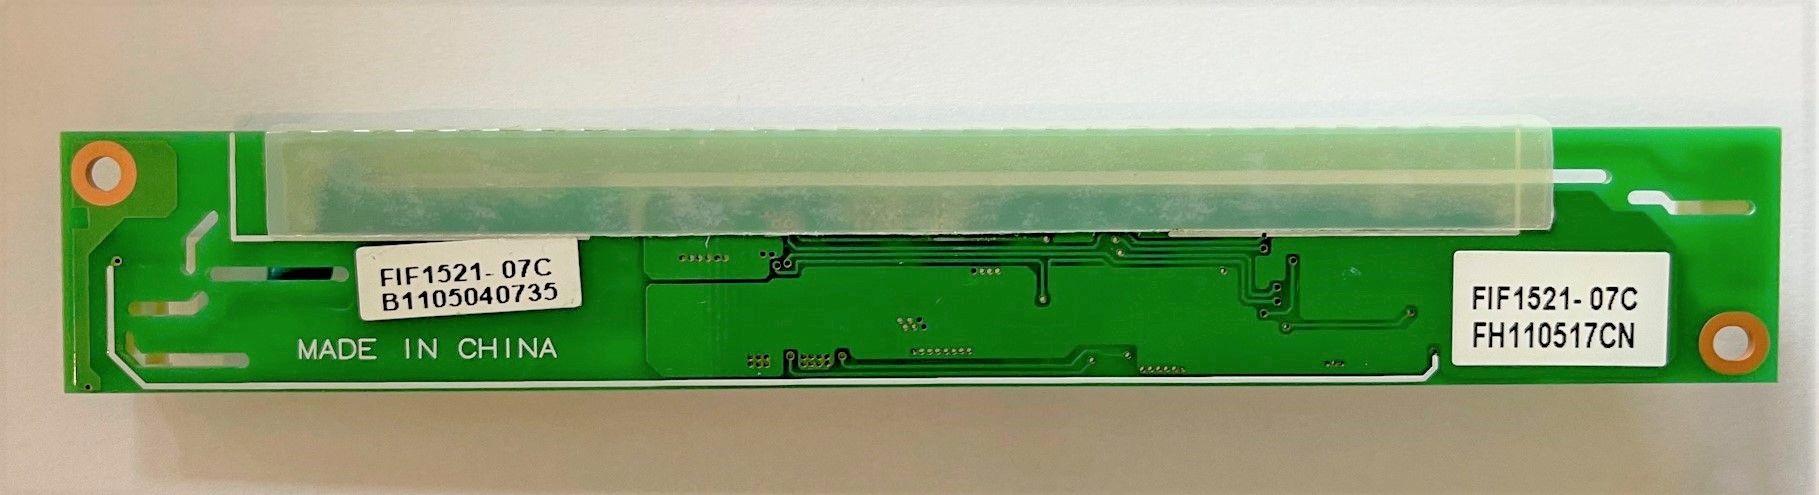 Frontek FIF1521-07C P1521-07CN Inverter